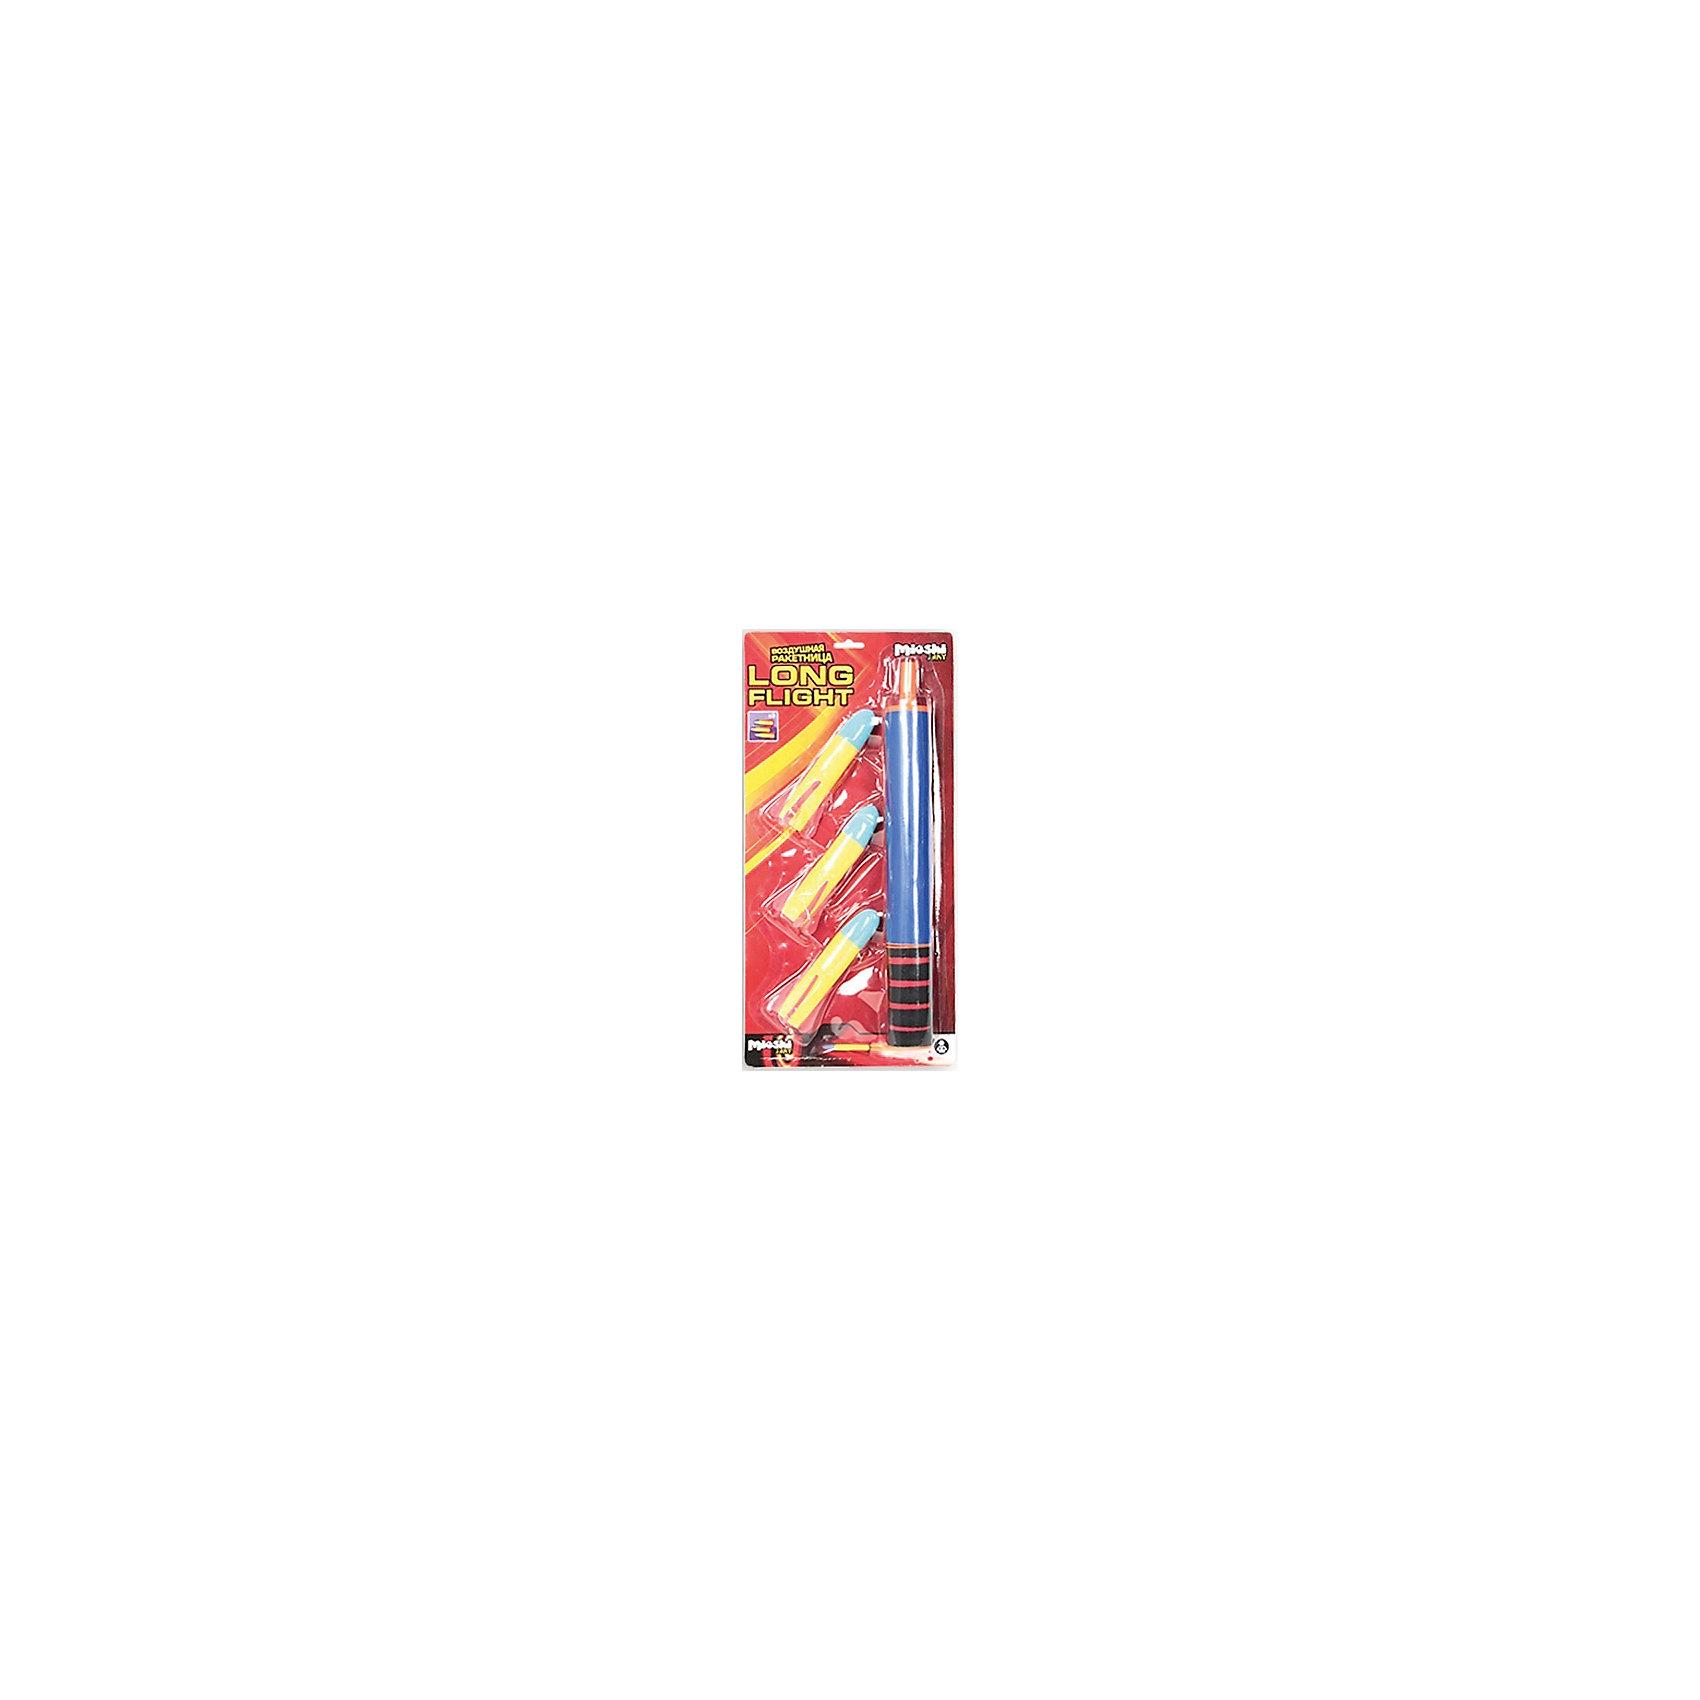 Игровой набор Long flight, Mioshi ArmyИгрушечное оружие<br>Игровой набор Long flight, Mioshi Army - прекрасный вариант для веселых активных игр на улице. В комплект входят ракетница и 3 ракеты для нее. Все предметы имеют яркий красочный дизайн и изготовлены из прочных качественных материалов. Ракетница легко стреляет - нужно лишь потянуть ее за нижнюю часть, предварительно зарядив патрон. Мягкие ракеты выполнены из безопасного материала Eva, а их наконечники - это присоски, которые прилипают к твёрдым поверхностям. Игрушка развивает зрительно-тактильное восприятие, меткость, ловкость, внимательность и мелкую моторику.<br><br>Дополнительная информация:<br><br>- В комплекте: воздушная ракетница, 3 ракеты.<br>- Игрушка работает без батареек.<br>- Материал: пластик, поролон Eva. <br>- Размер упаковки: 43 х 20,5 х 5 см.<br>- Вес: 0,257 кг.<br> <br>Игровой набор Long flight, Mioshi Army, можно купить в нашем интернет-магазине.<br><br>Ширина мм: 430<br>Глубина мм: 205<br>Высота мм: 58<br>Вес г: 257<br>Возраст от месяцев: 36<br>Возраст до месяцев: 72<br>Пол: Мужской<br>Возраст: Детский<br>SKU: 4622218